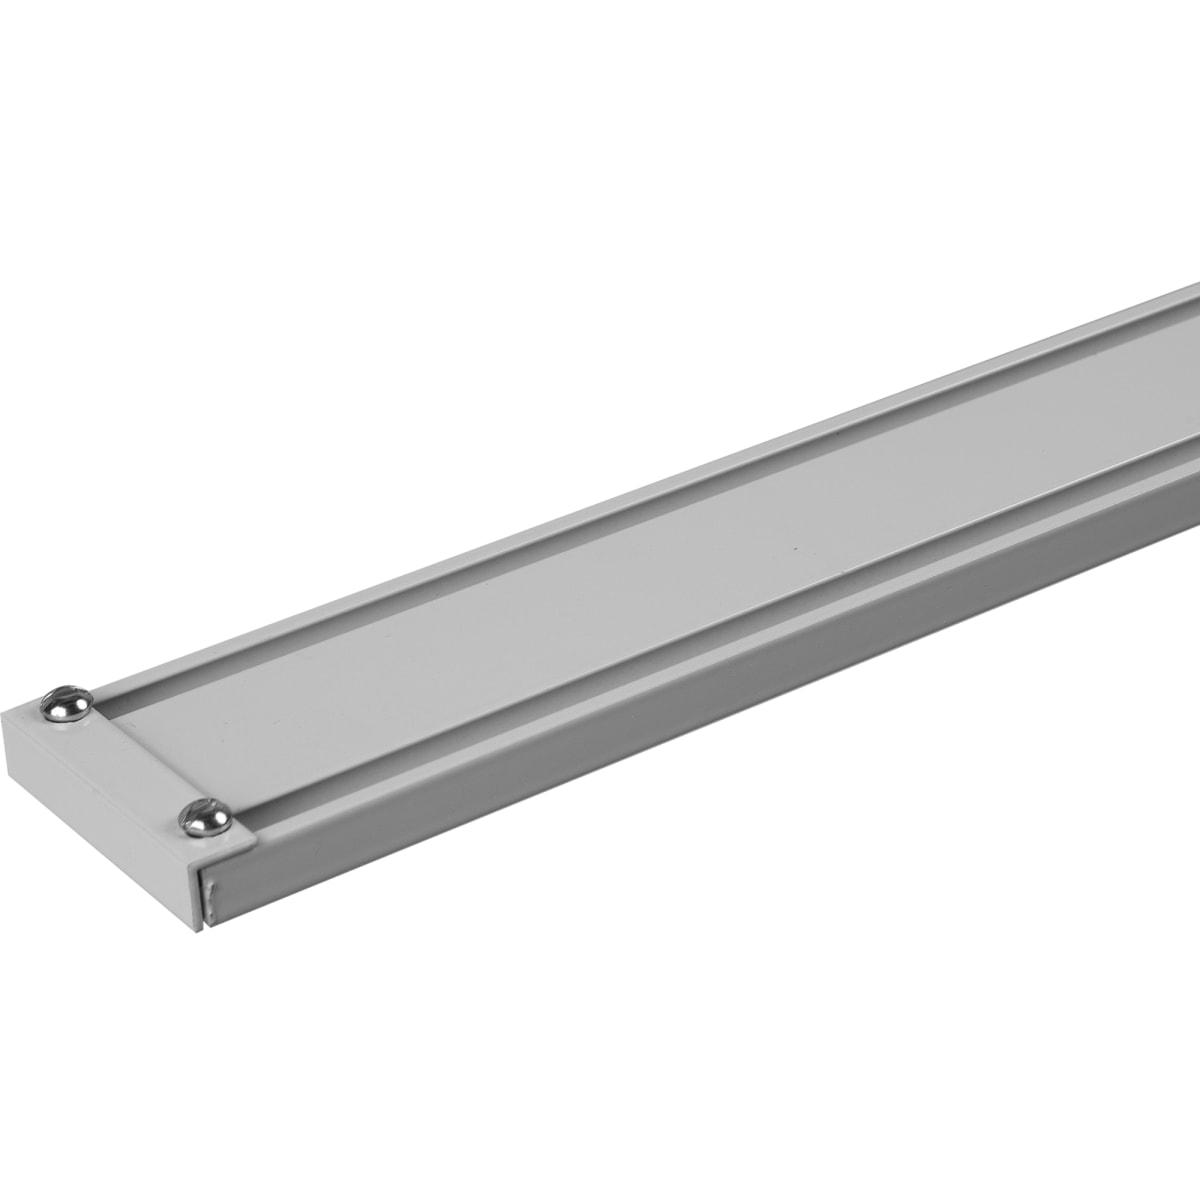 Шина алюминиевая двухрядная «Atlant» 160 см алюминий цвет белый